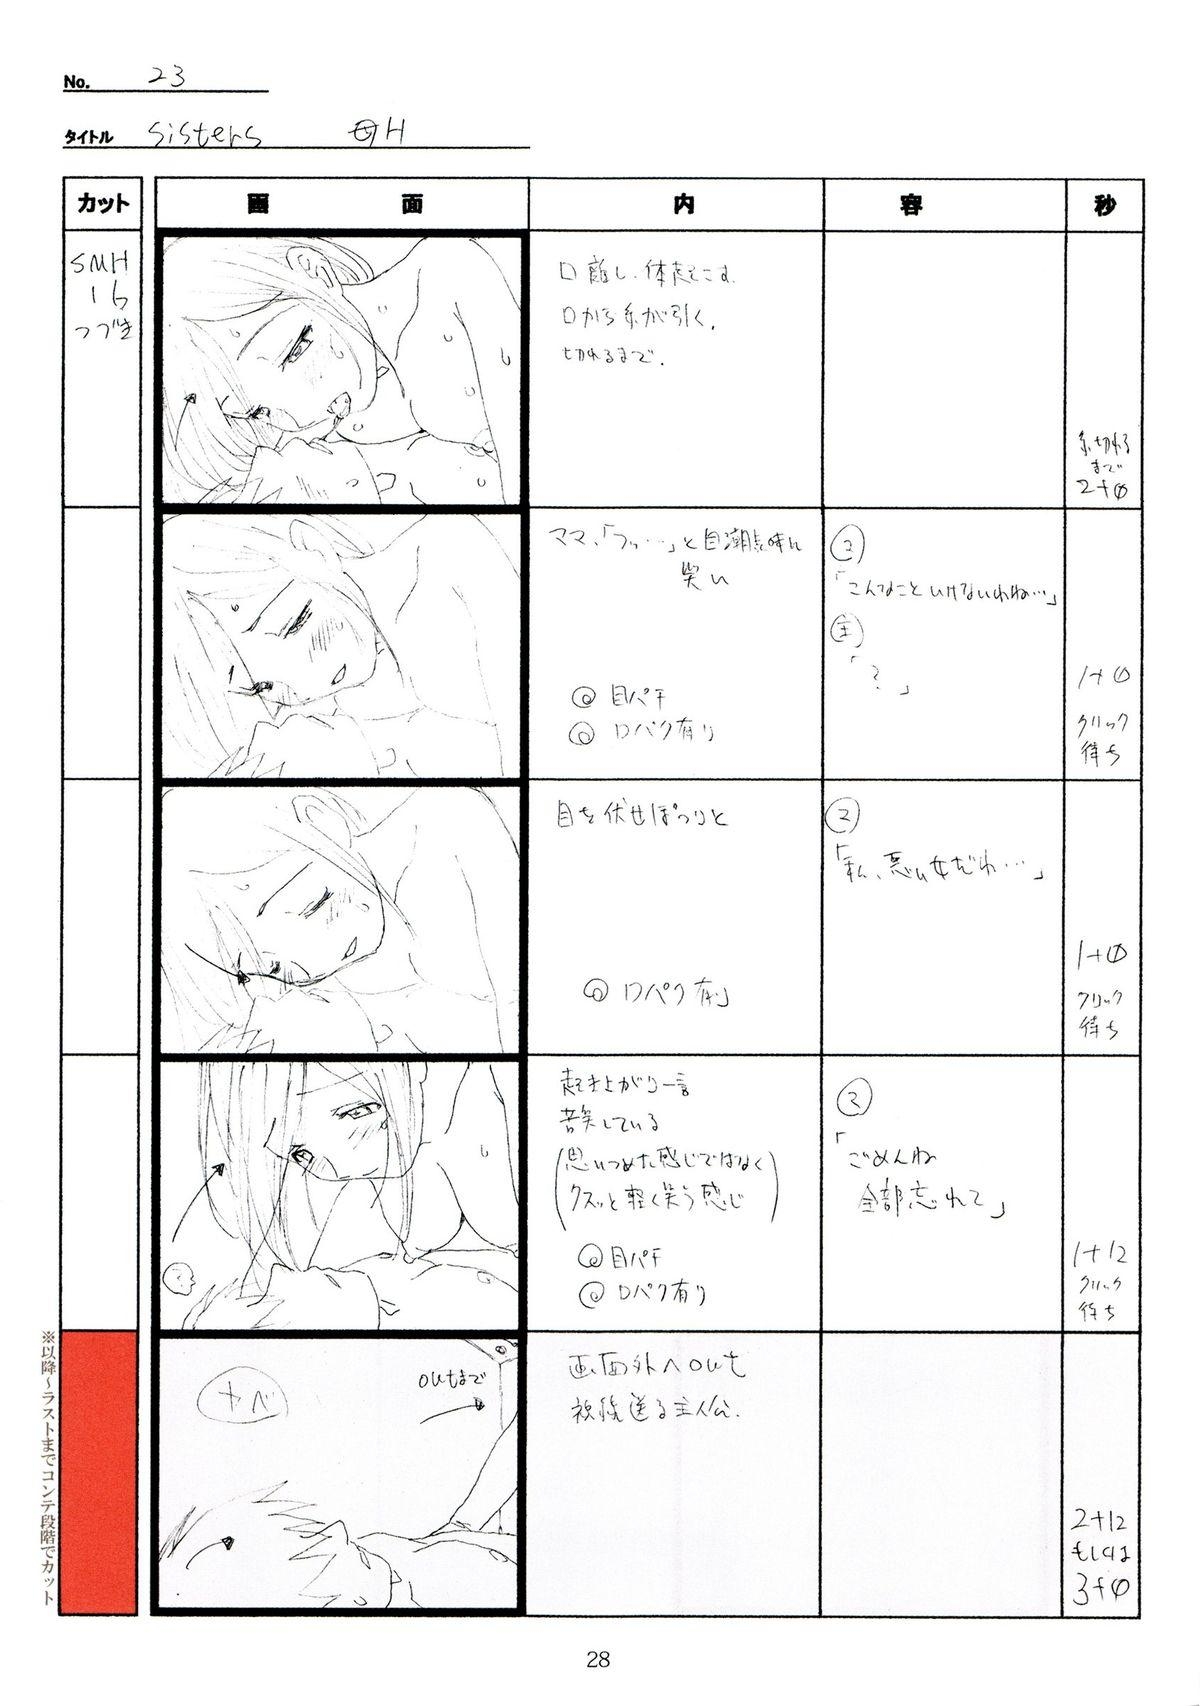 (C89) [Makino Jimusho (Taki Minashika)] SISTERS -Natsu no Saigo no Hi- H Scene All Part Storyboard (SISTERS -Natsu no Saigo no Hi-) 27